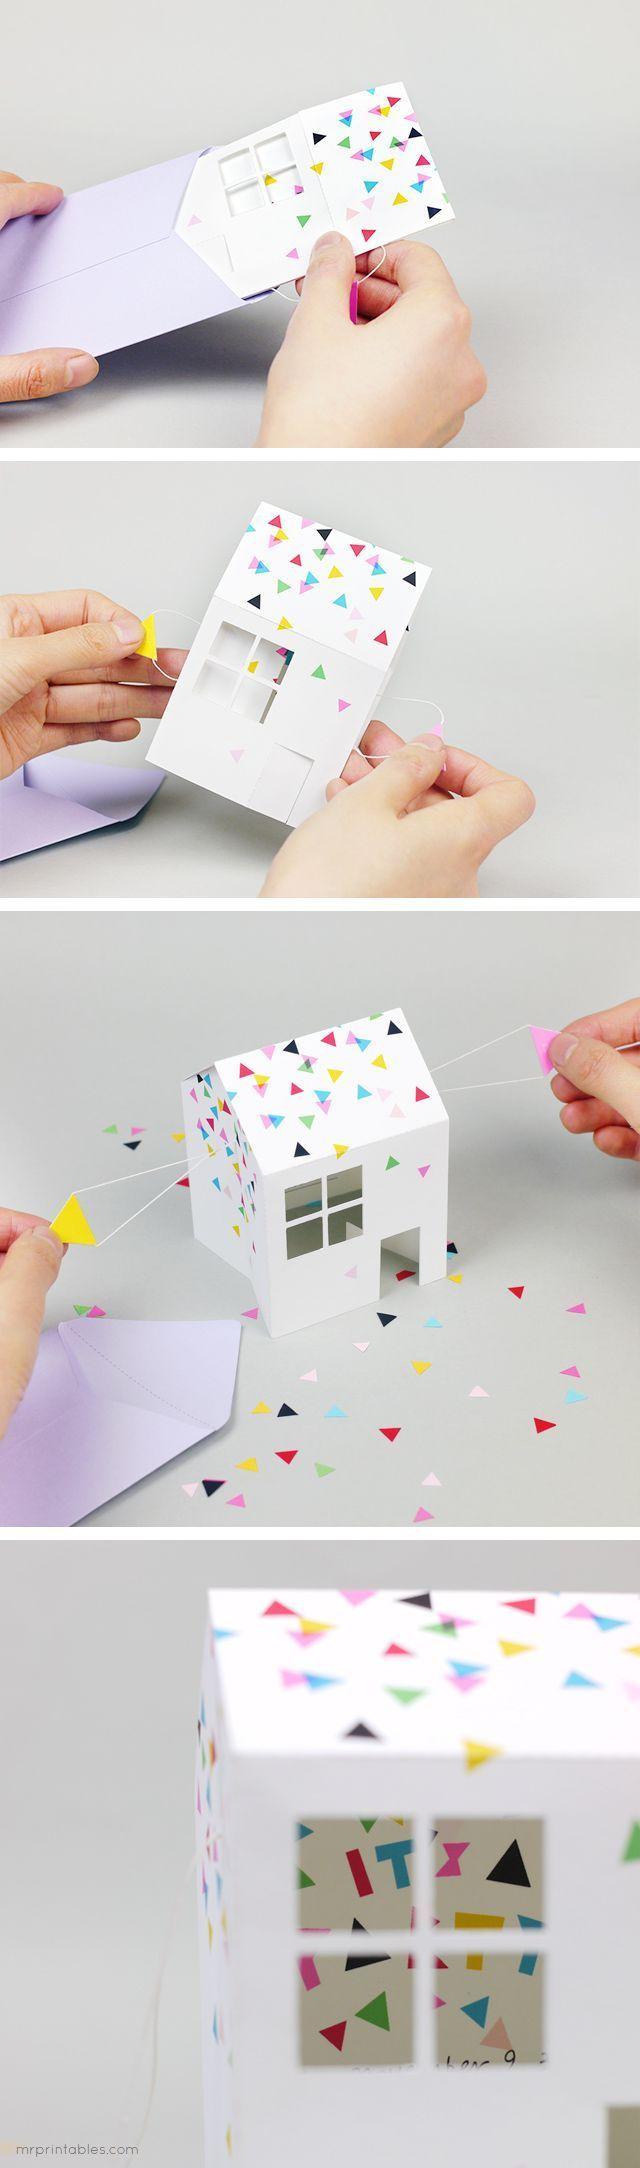 Invitación descargable con forma de casita